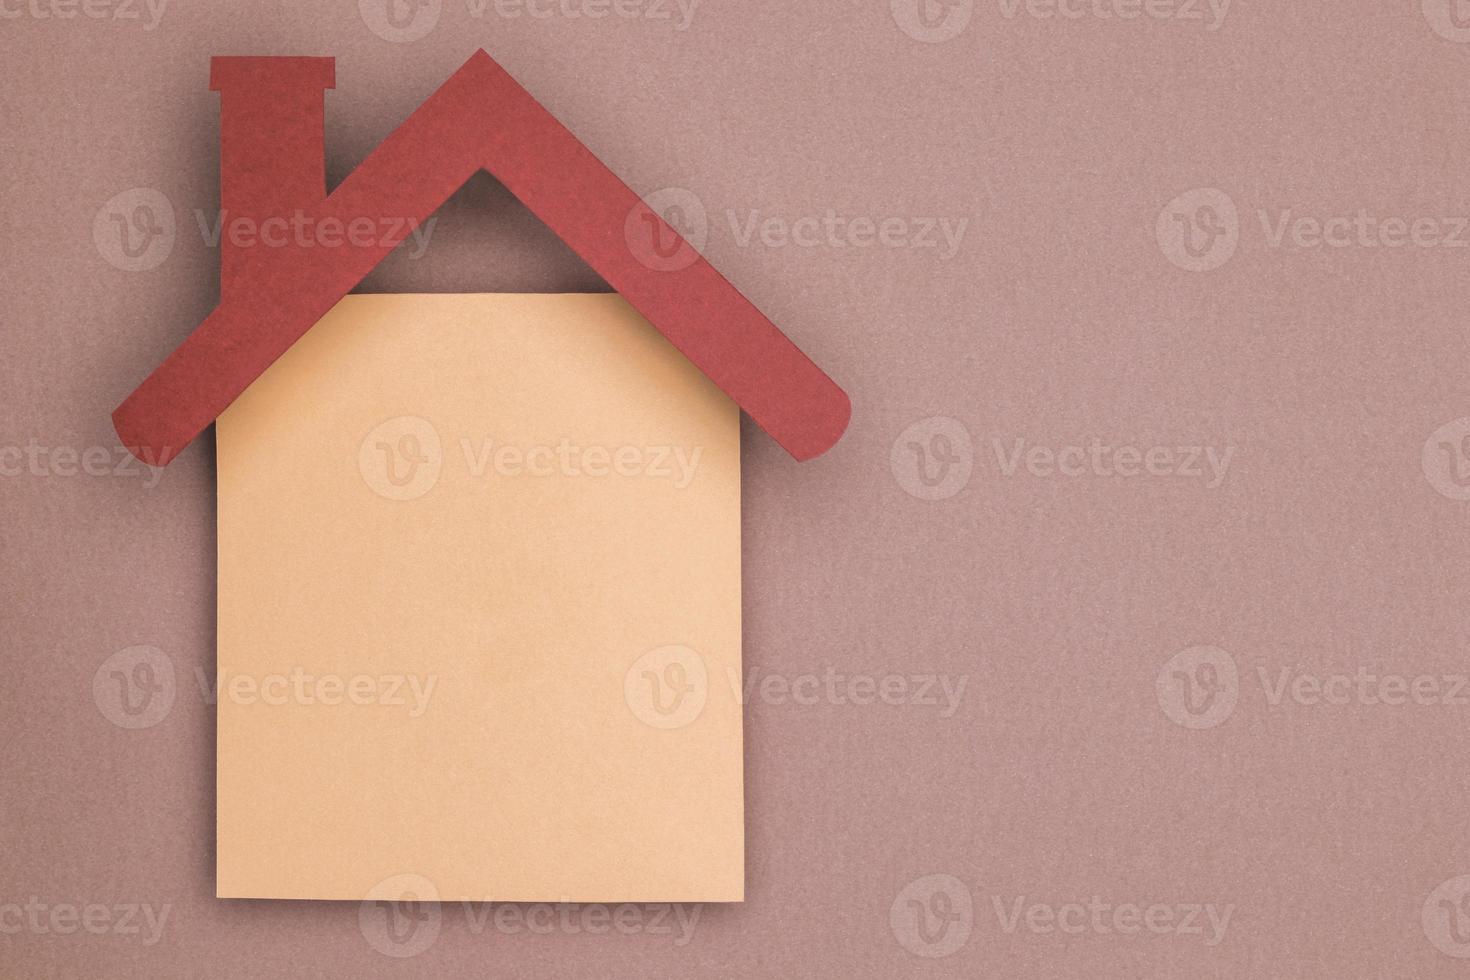 Zuhause Stillleben Papierschnitt Konzept foto